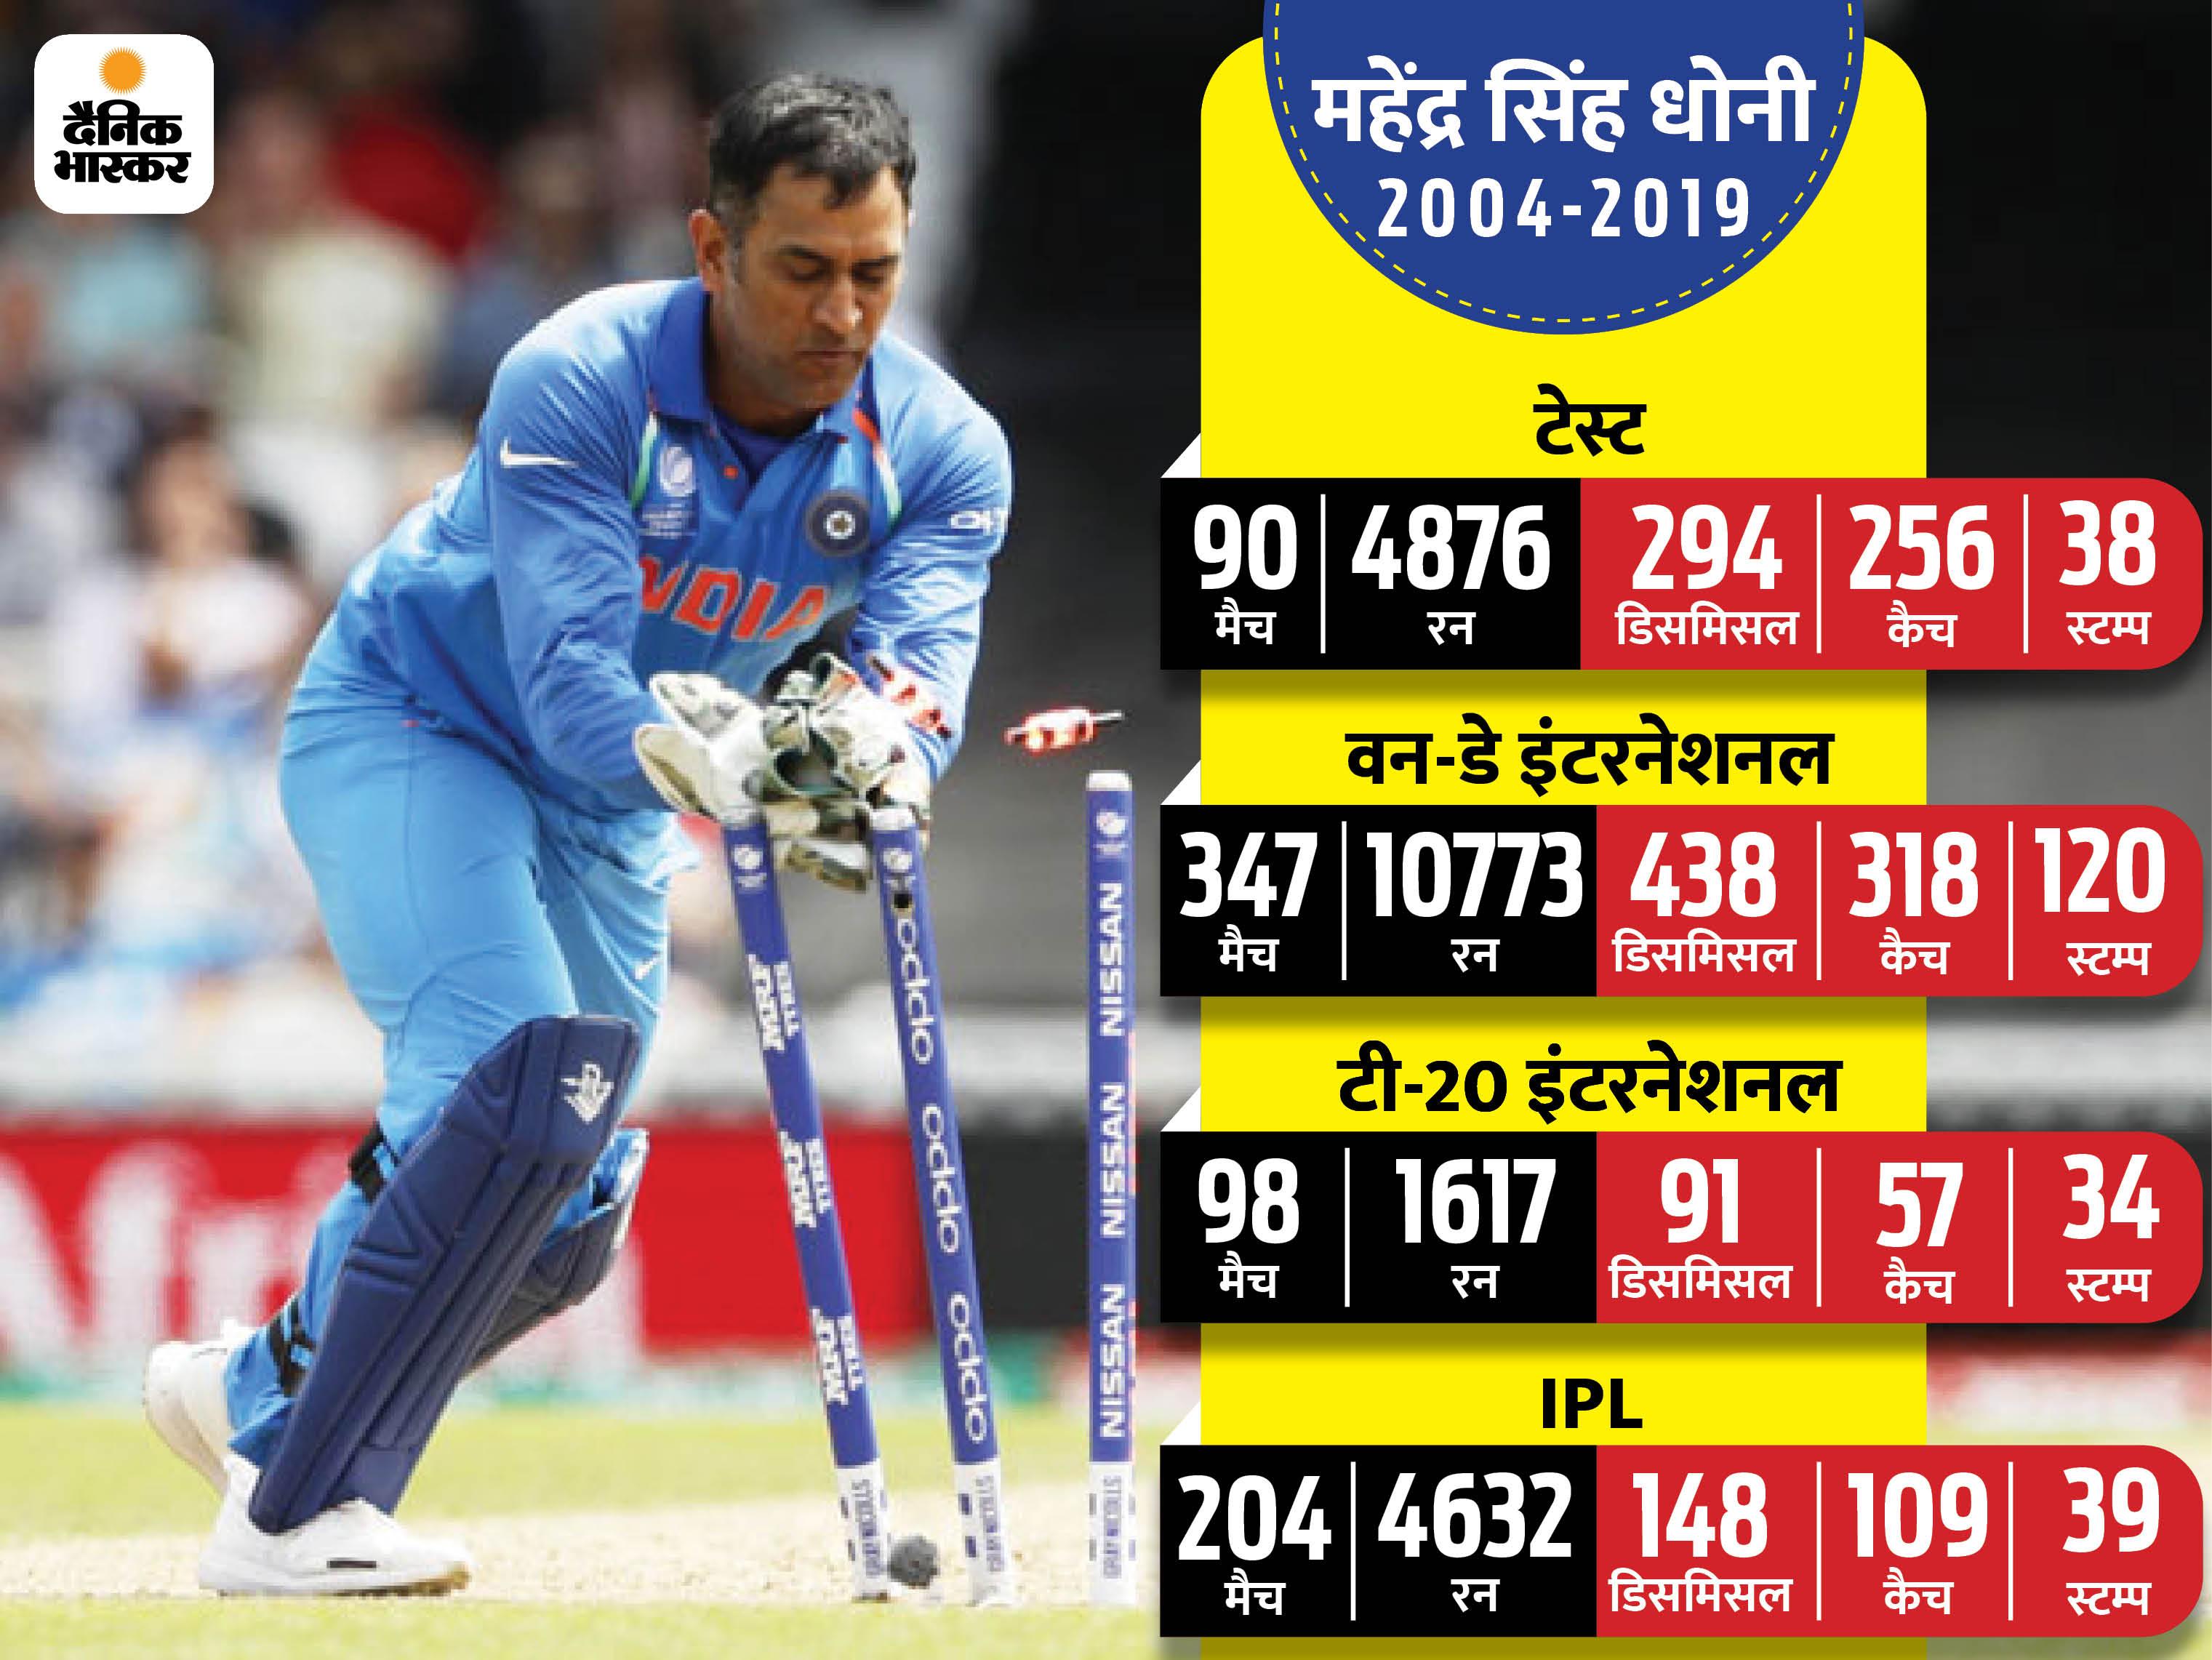 IPL में प्रदर्शन के आधार पर 5 दावेदार, 4 को ऑस्ट्रेलिया दौरे के लिए मिली जगह, एक को है इंतजार|स्पोर्ट्स,Sports - Dainik Bhaskar